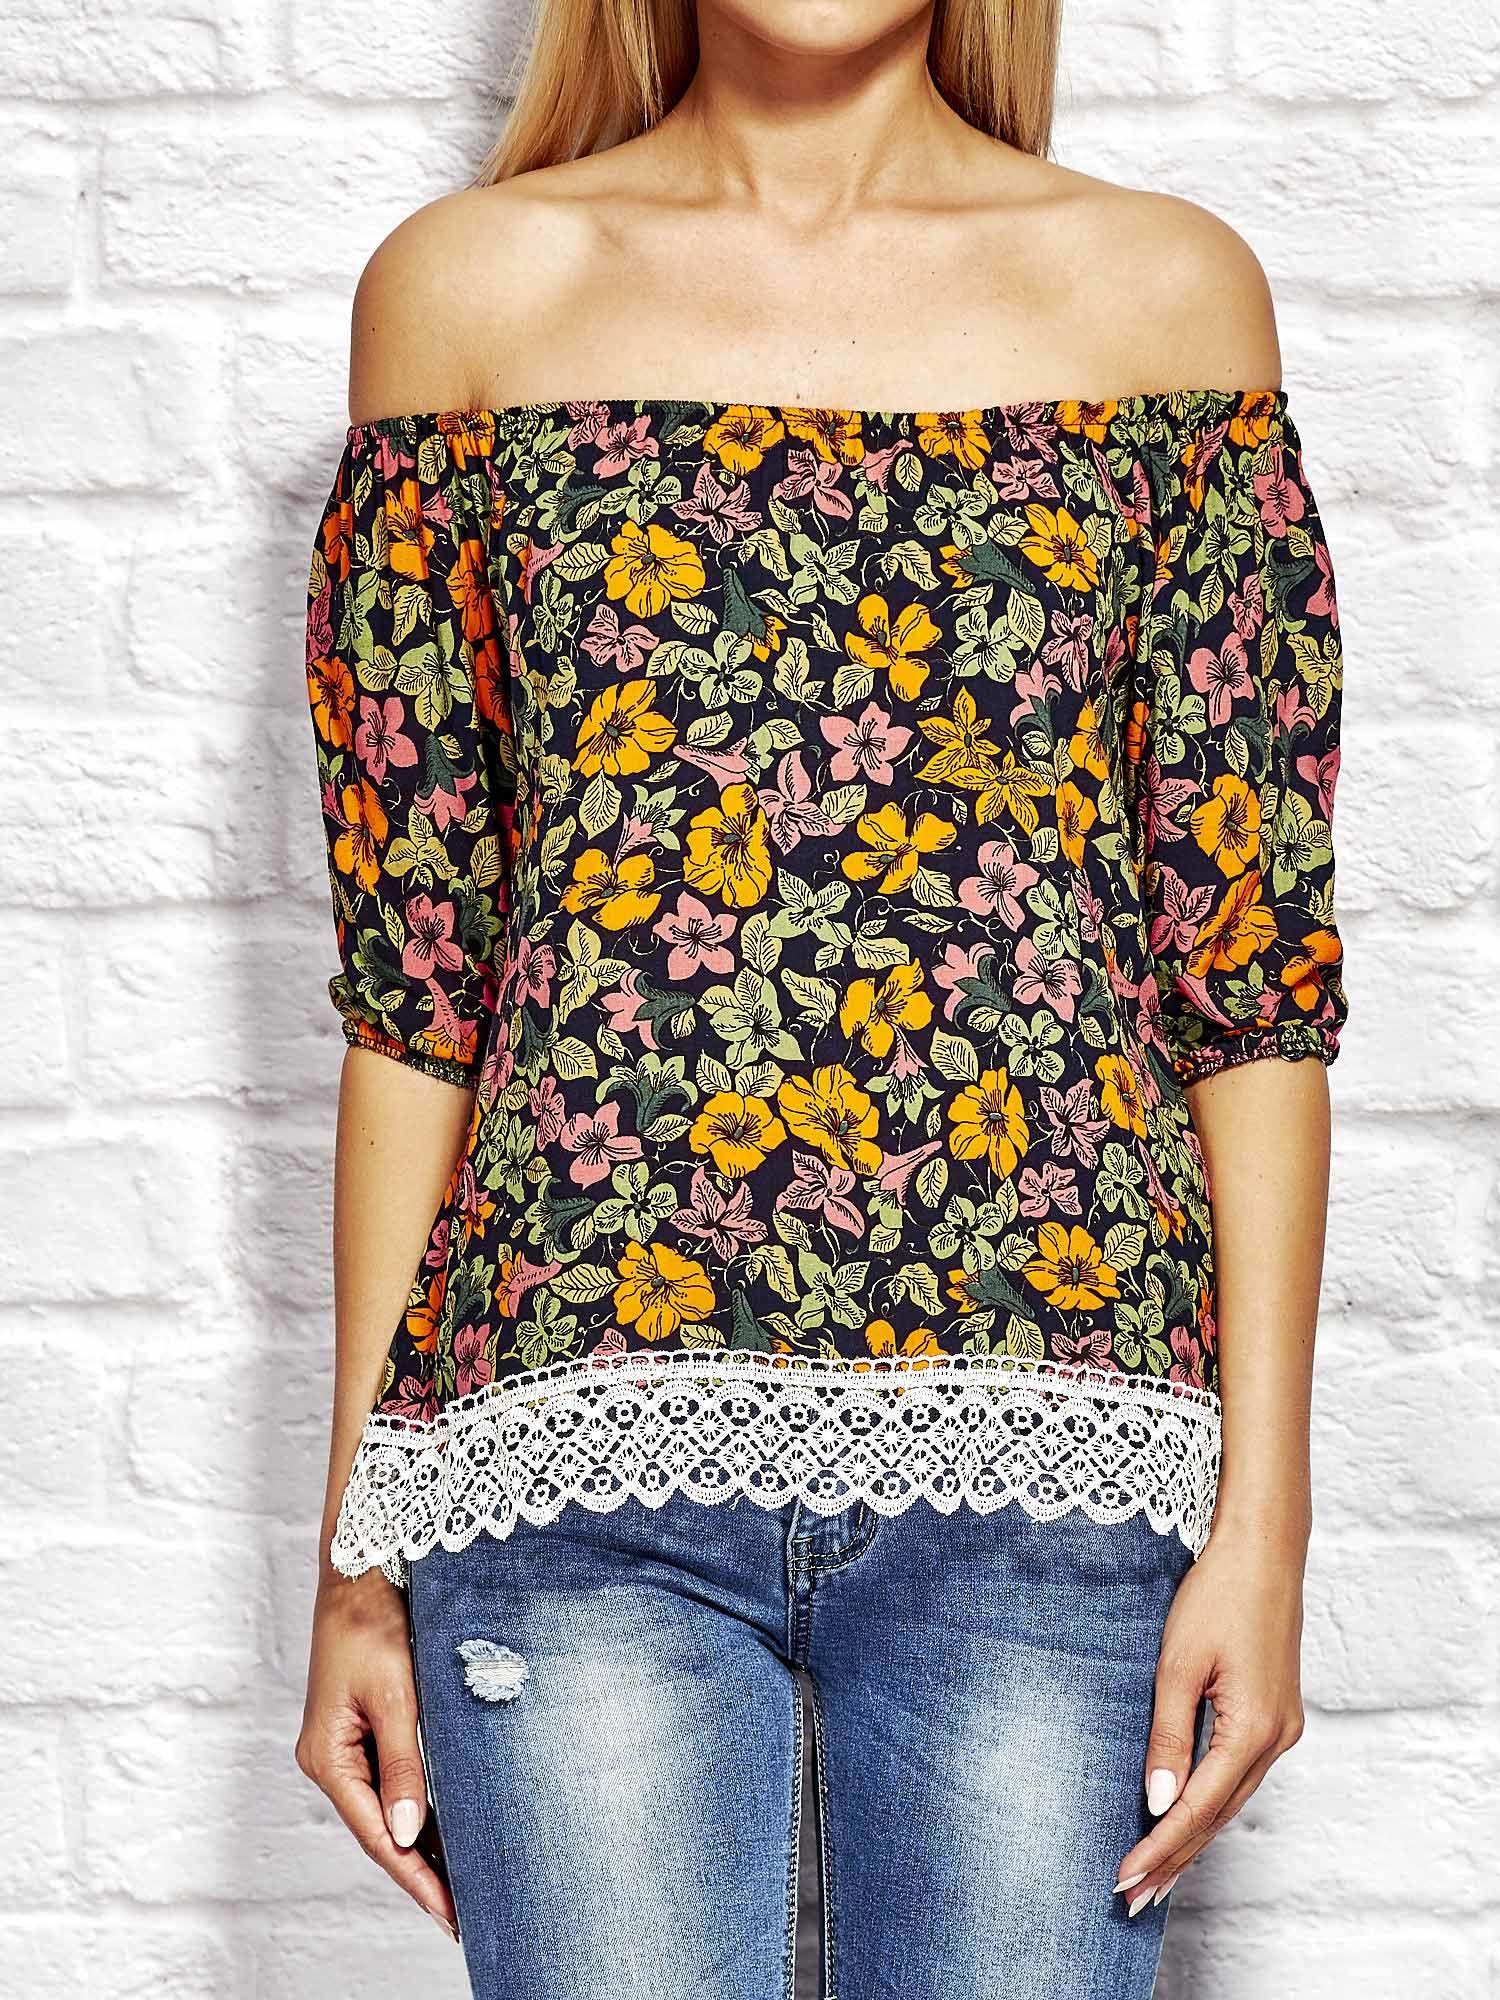 ff54febd5f21 Pomarańczowa bluzka w kolorowe kwiaty - Bluzka wizytowa - sklep ...